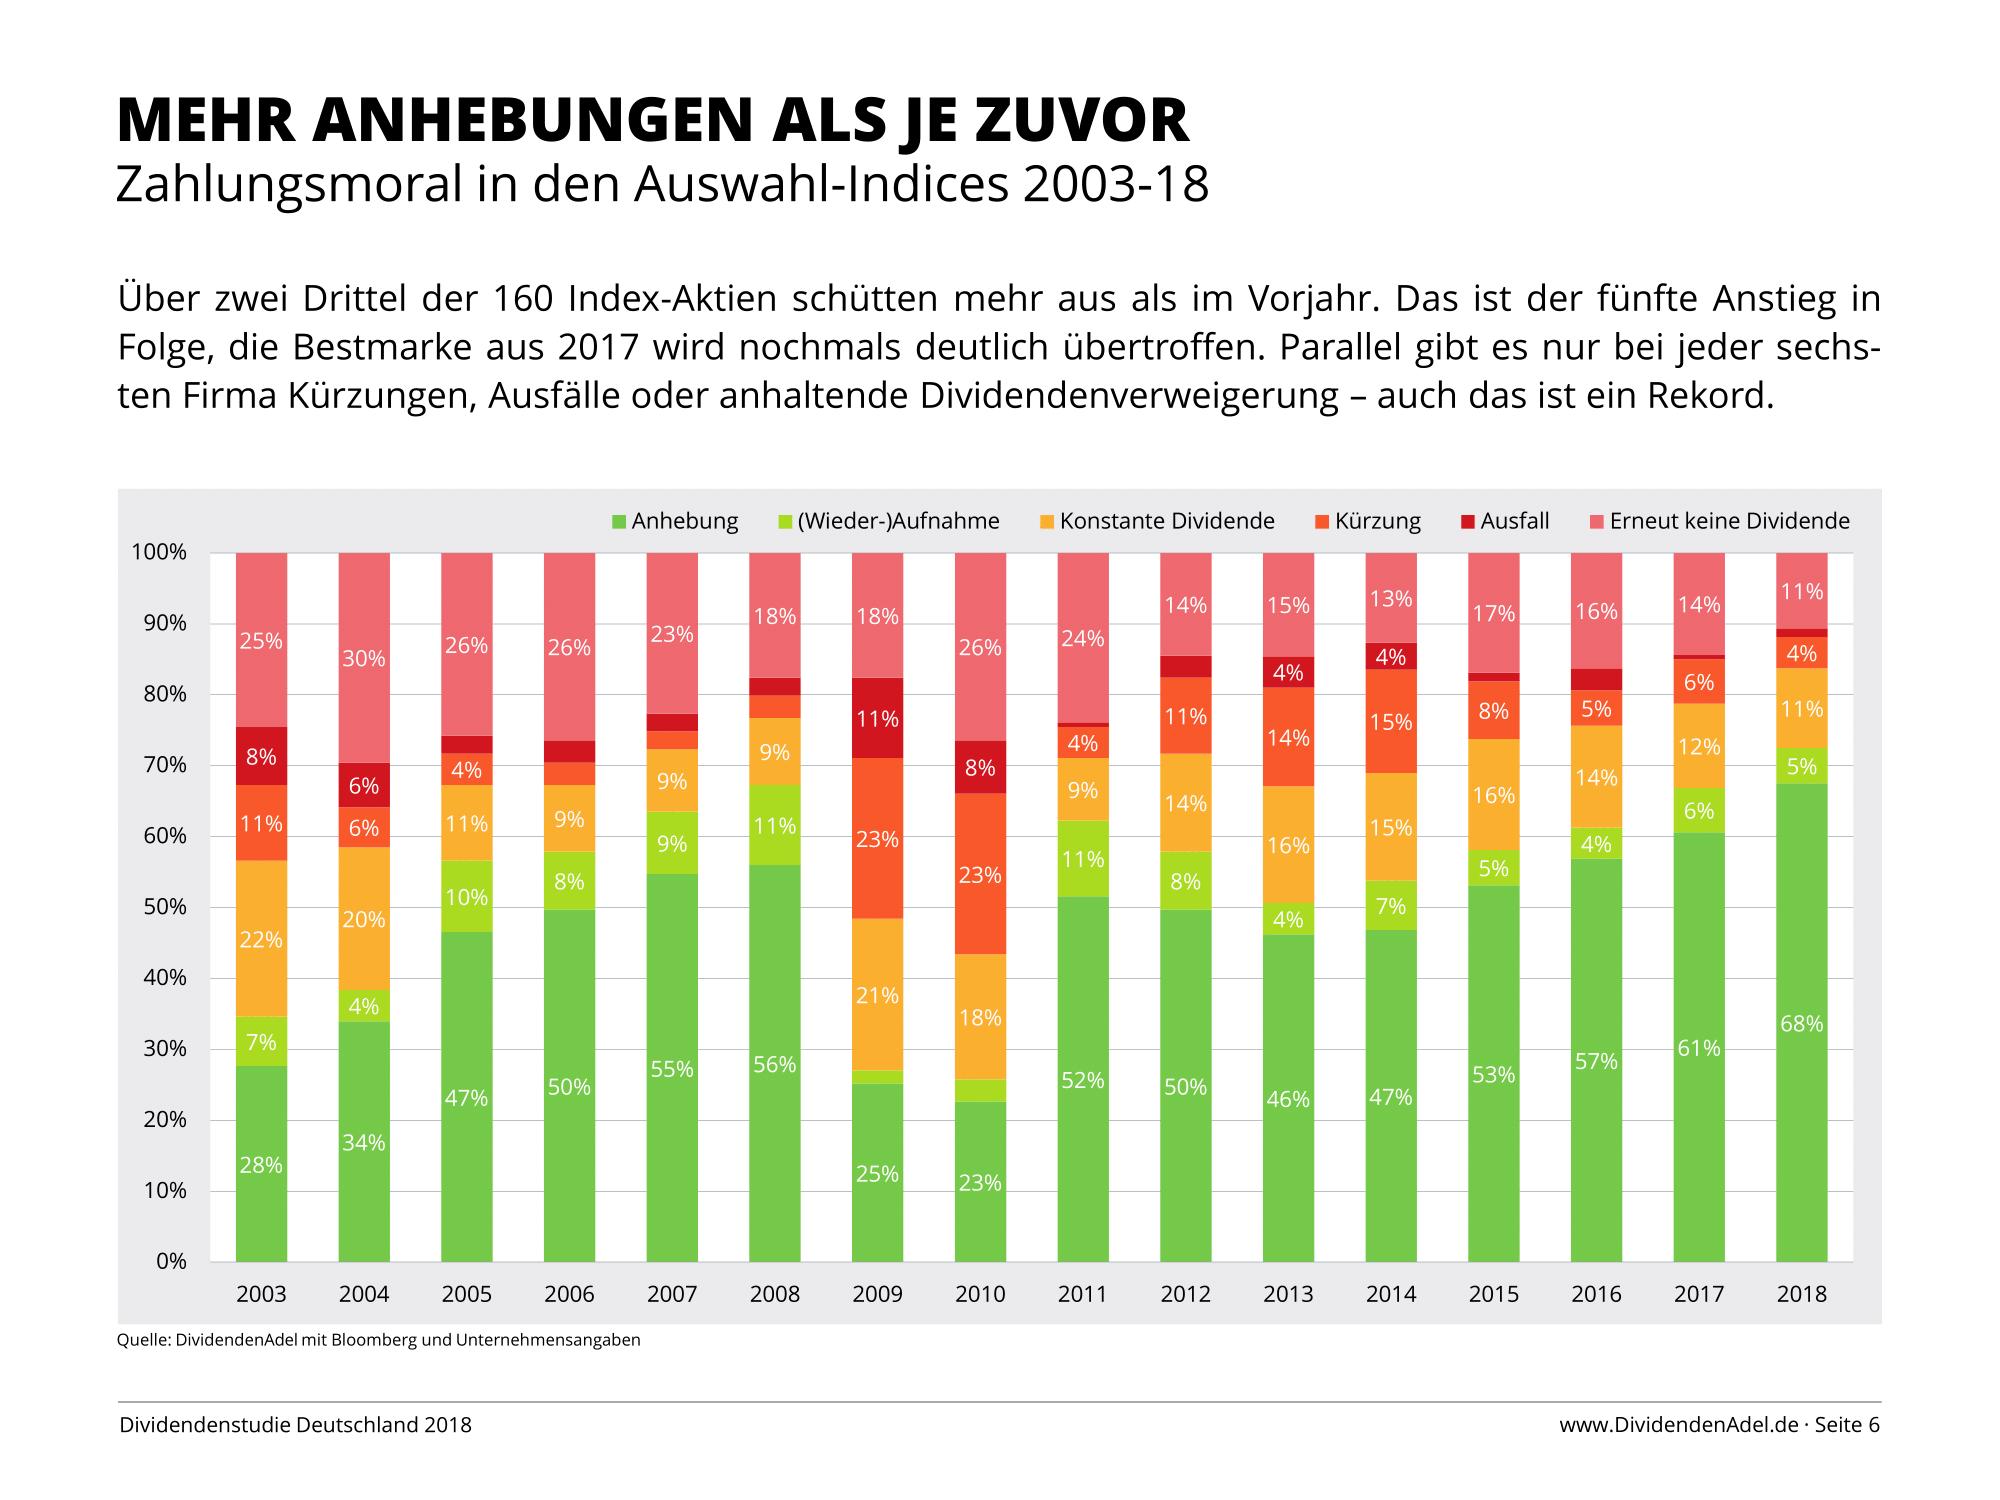 Dividendenstudie Deutschland 2018 Zahlungsmoral in den Auswahlindices-1